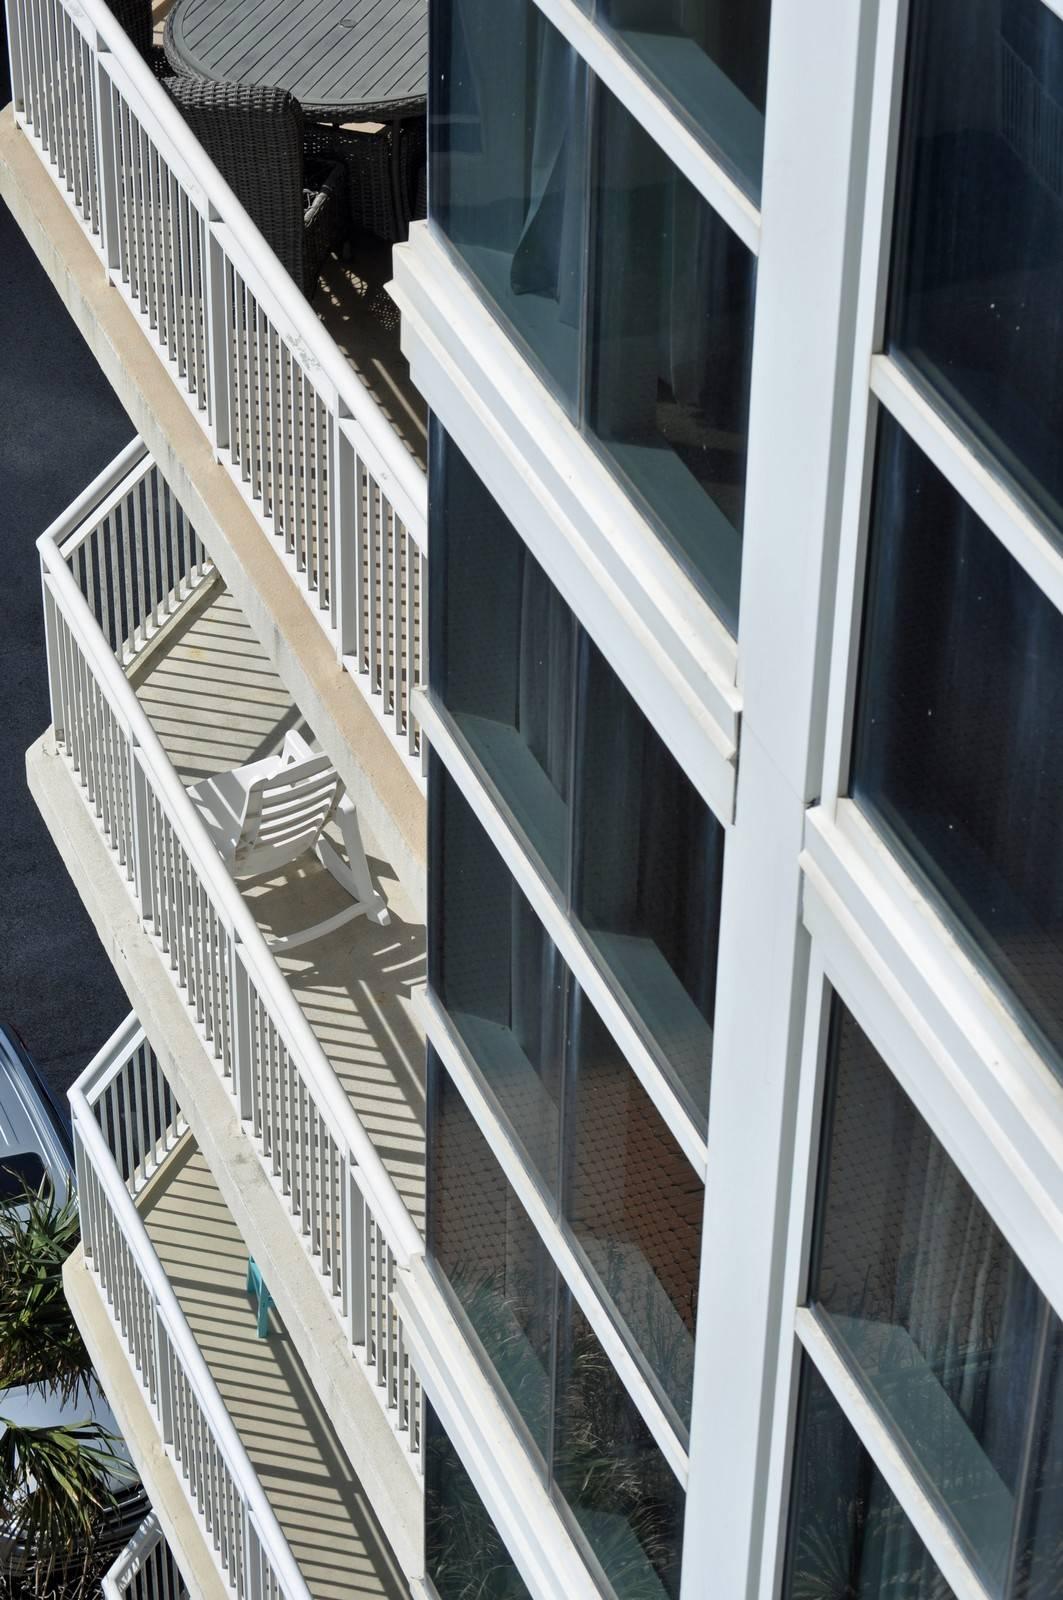 Perdido Key Balcony 2